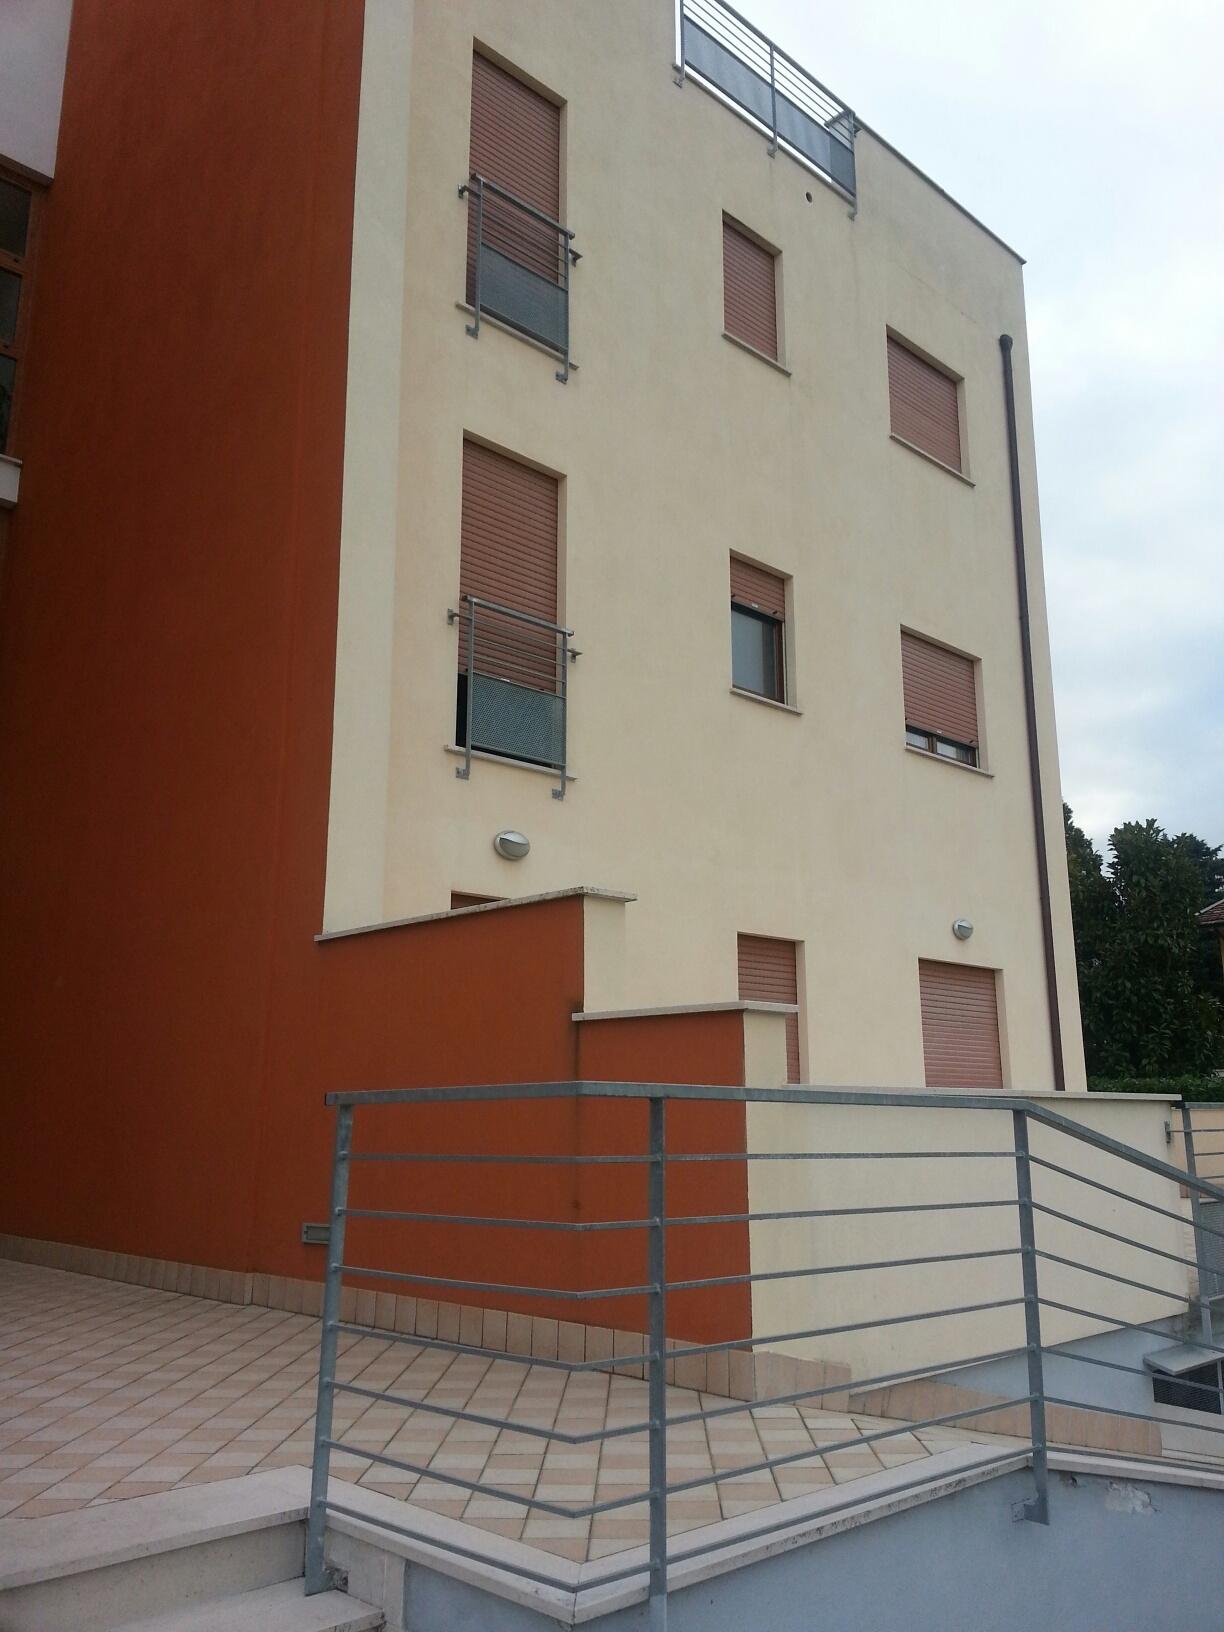 Appartamento in affitto a Manoppello, 4 locali, zona Località: ManoppelloScalo, prezzo € 400 | CambioCasa.it